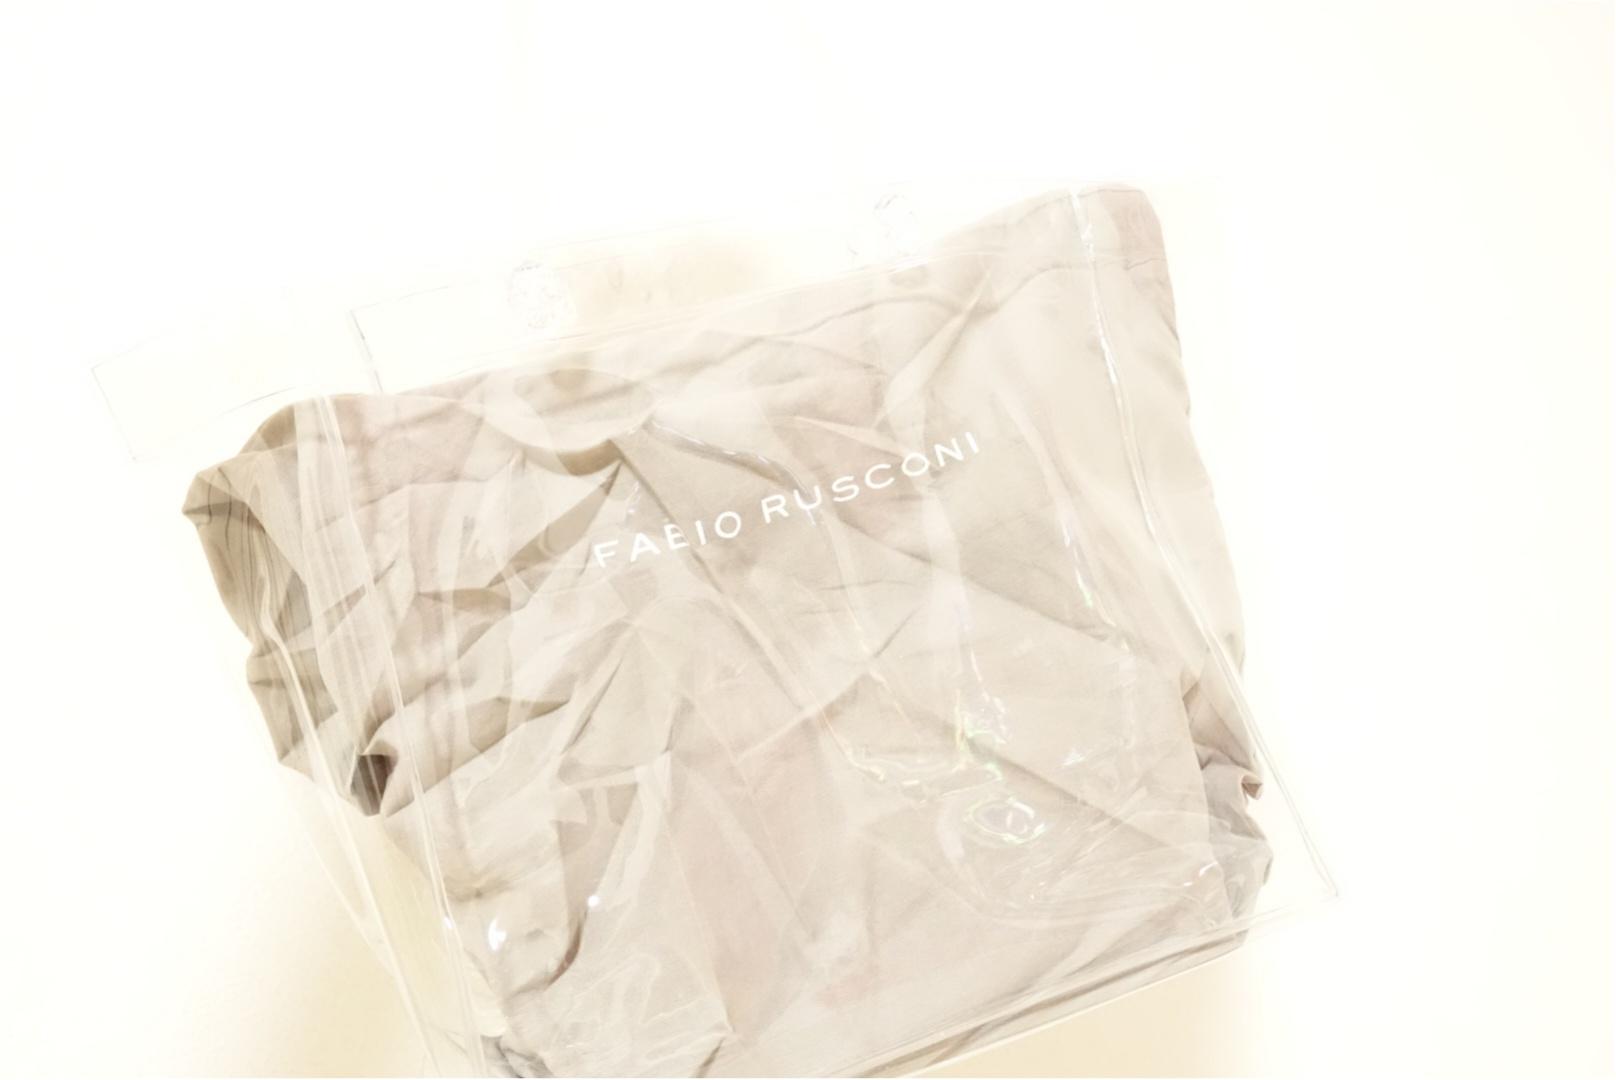 ★流行りのクリアバッグは【DAISO】でget!お洒落に見える一工夫をすれば高見え効果も!_3